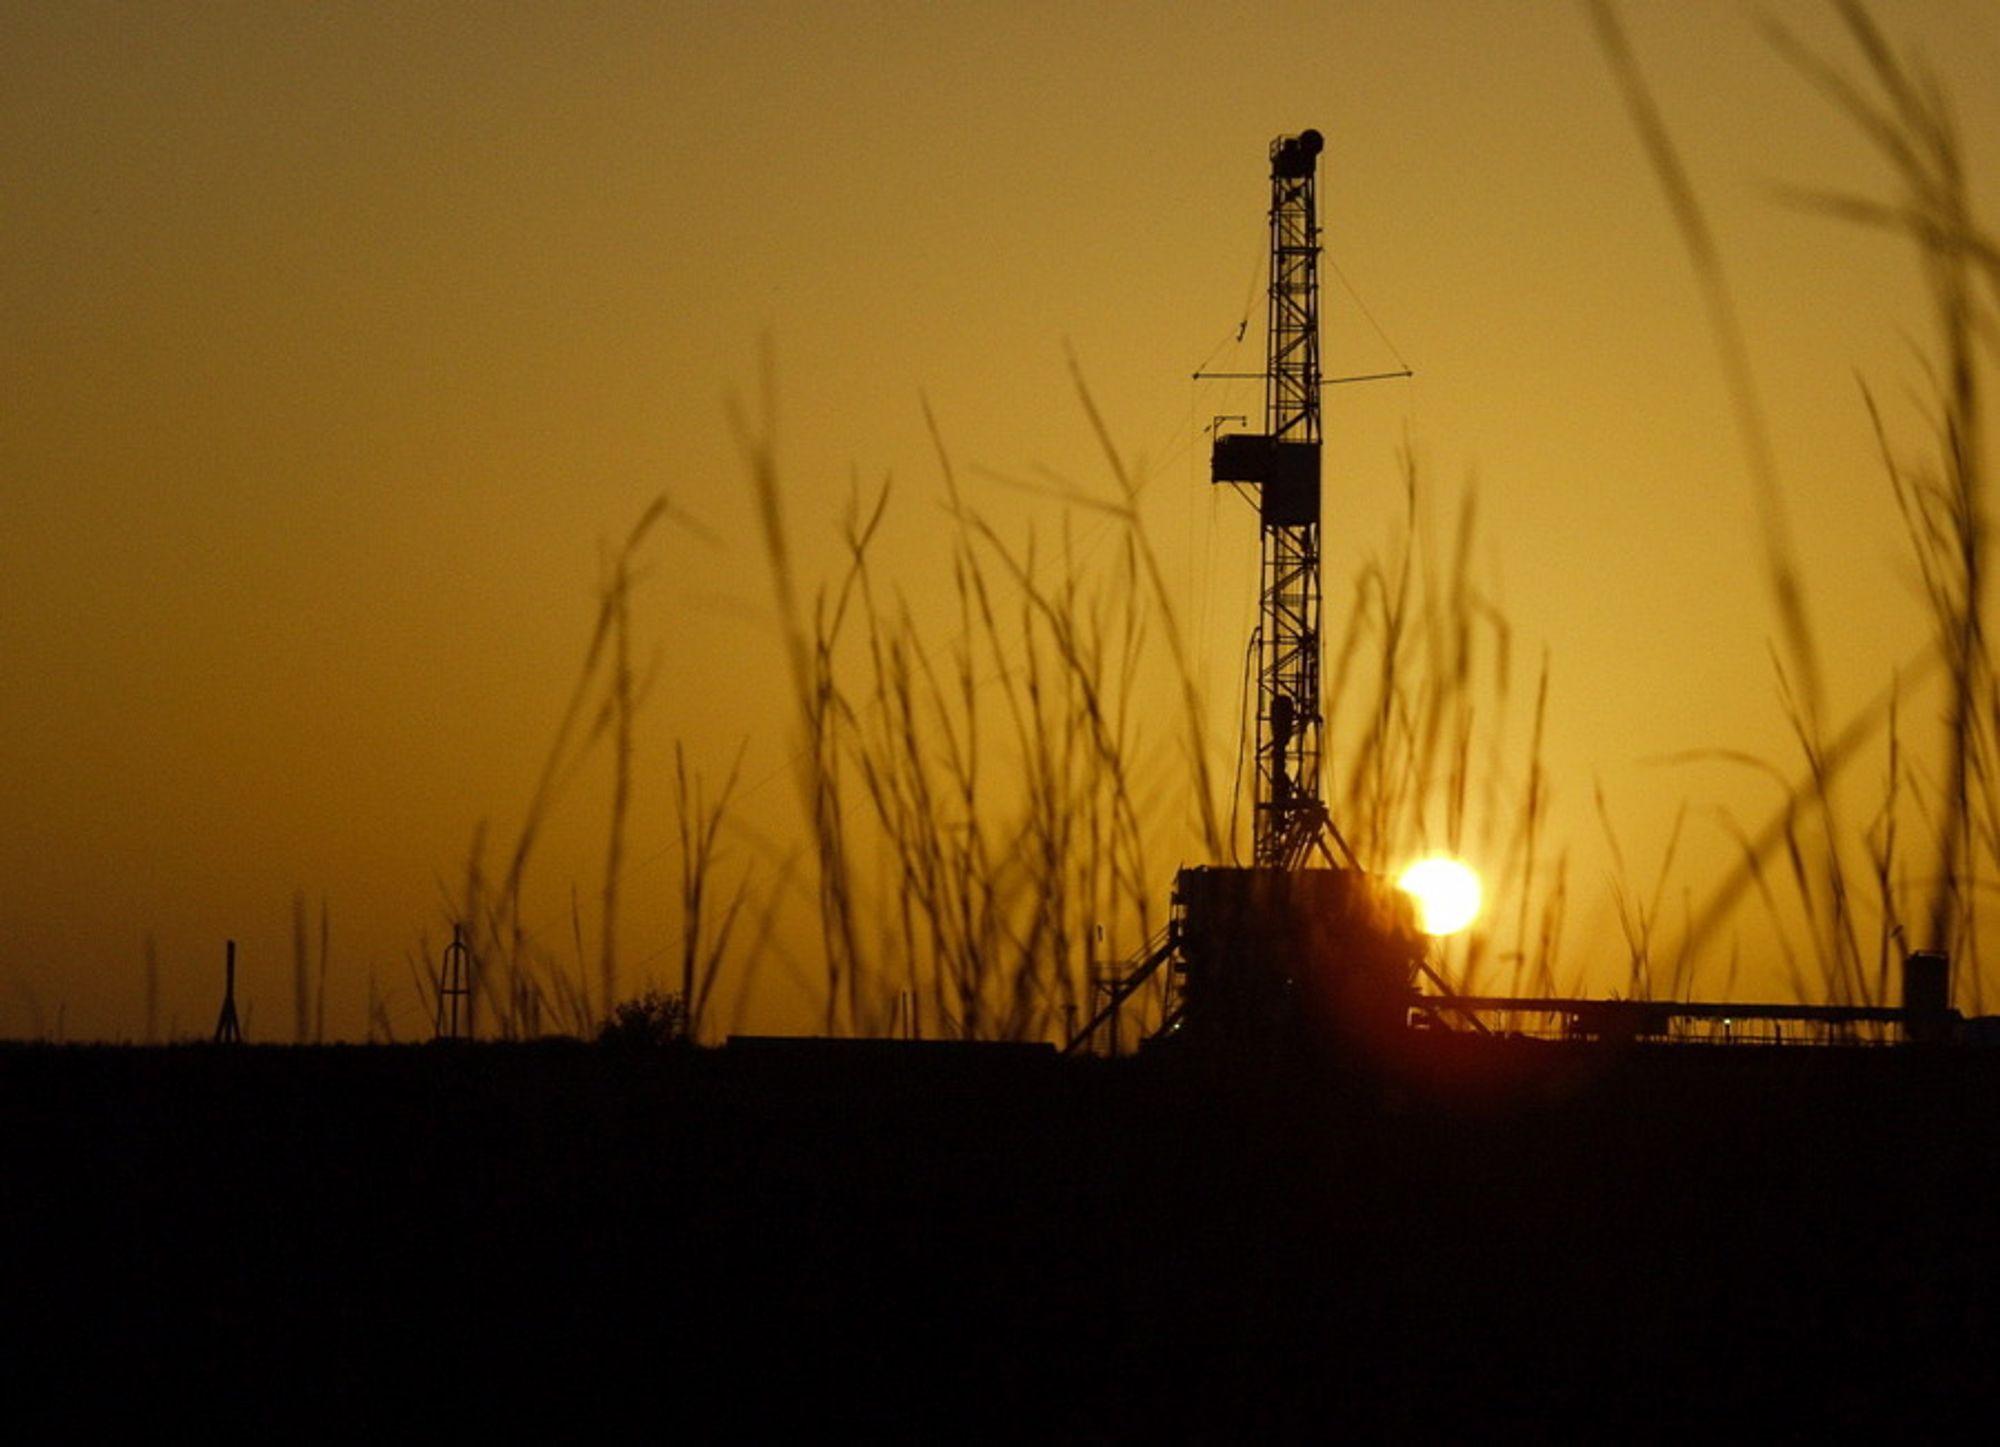 Skifergass. Chesapeake Energy